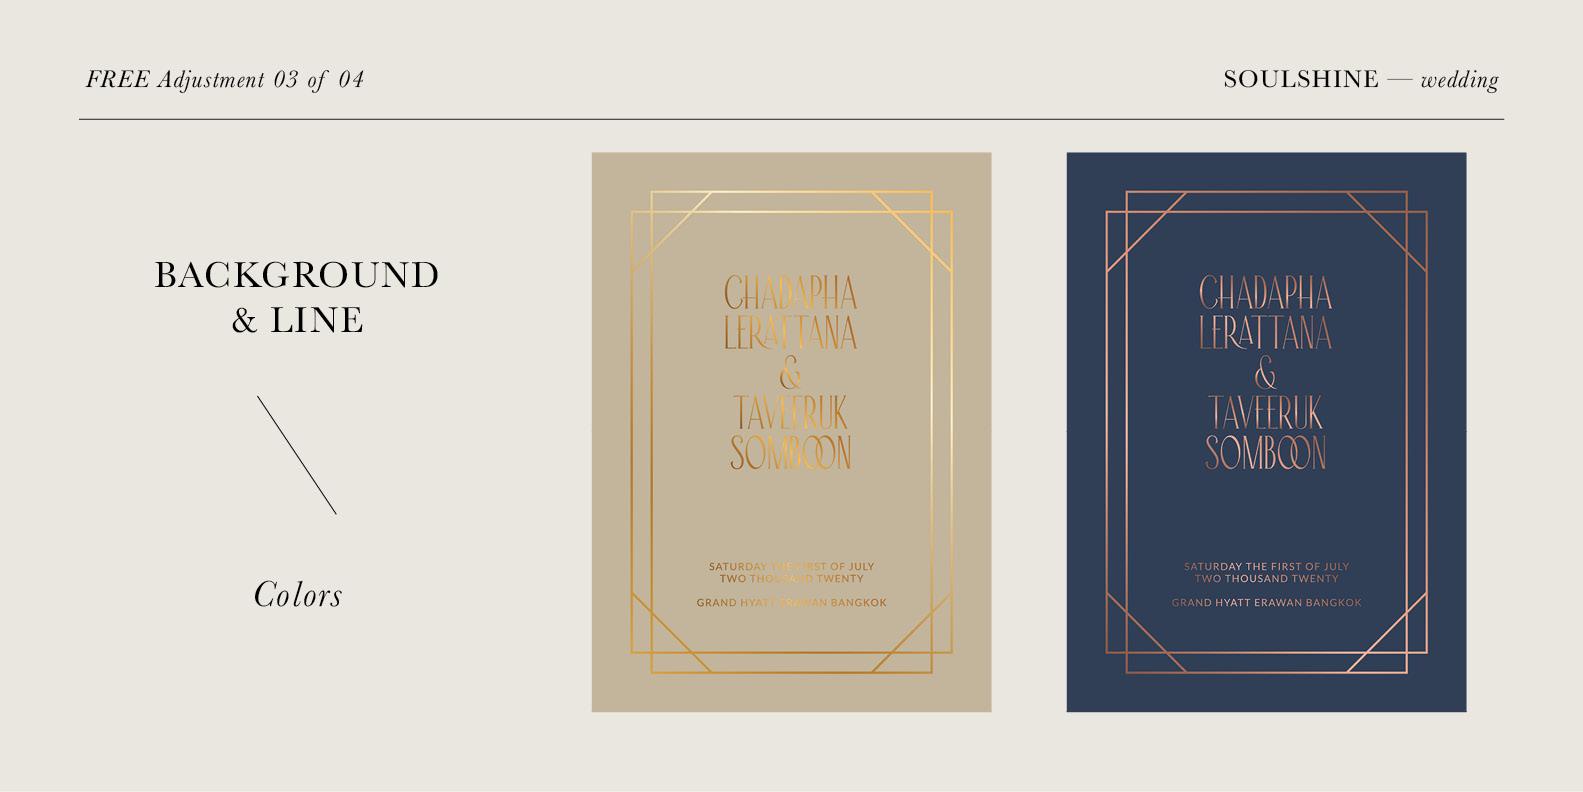 ออกแบบการ์ดแต่งงาน พิมพ์การ์ดแต่งงาน มินิมอล สไตล์เรียบหรู สวยๆ แนววินเทจ เก๋ๆ ปรับแก้แบบการ์ดฟรี 03